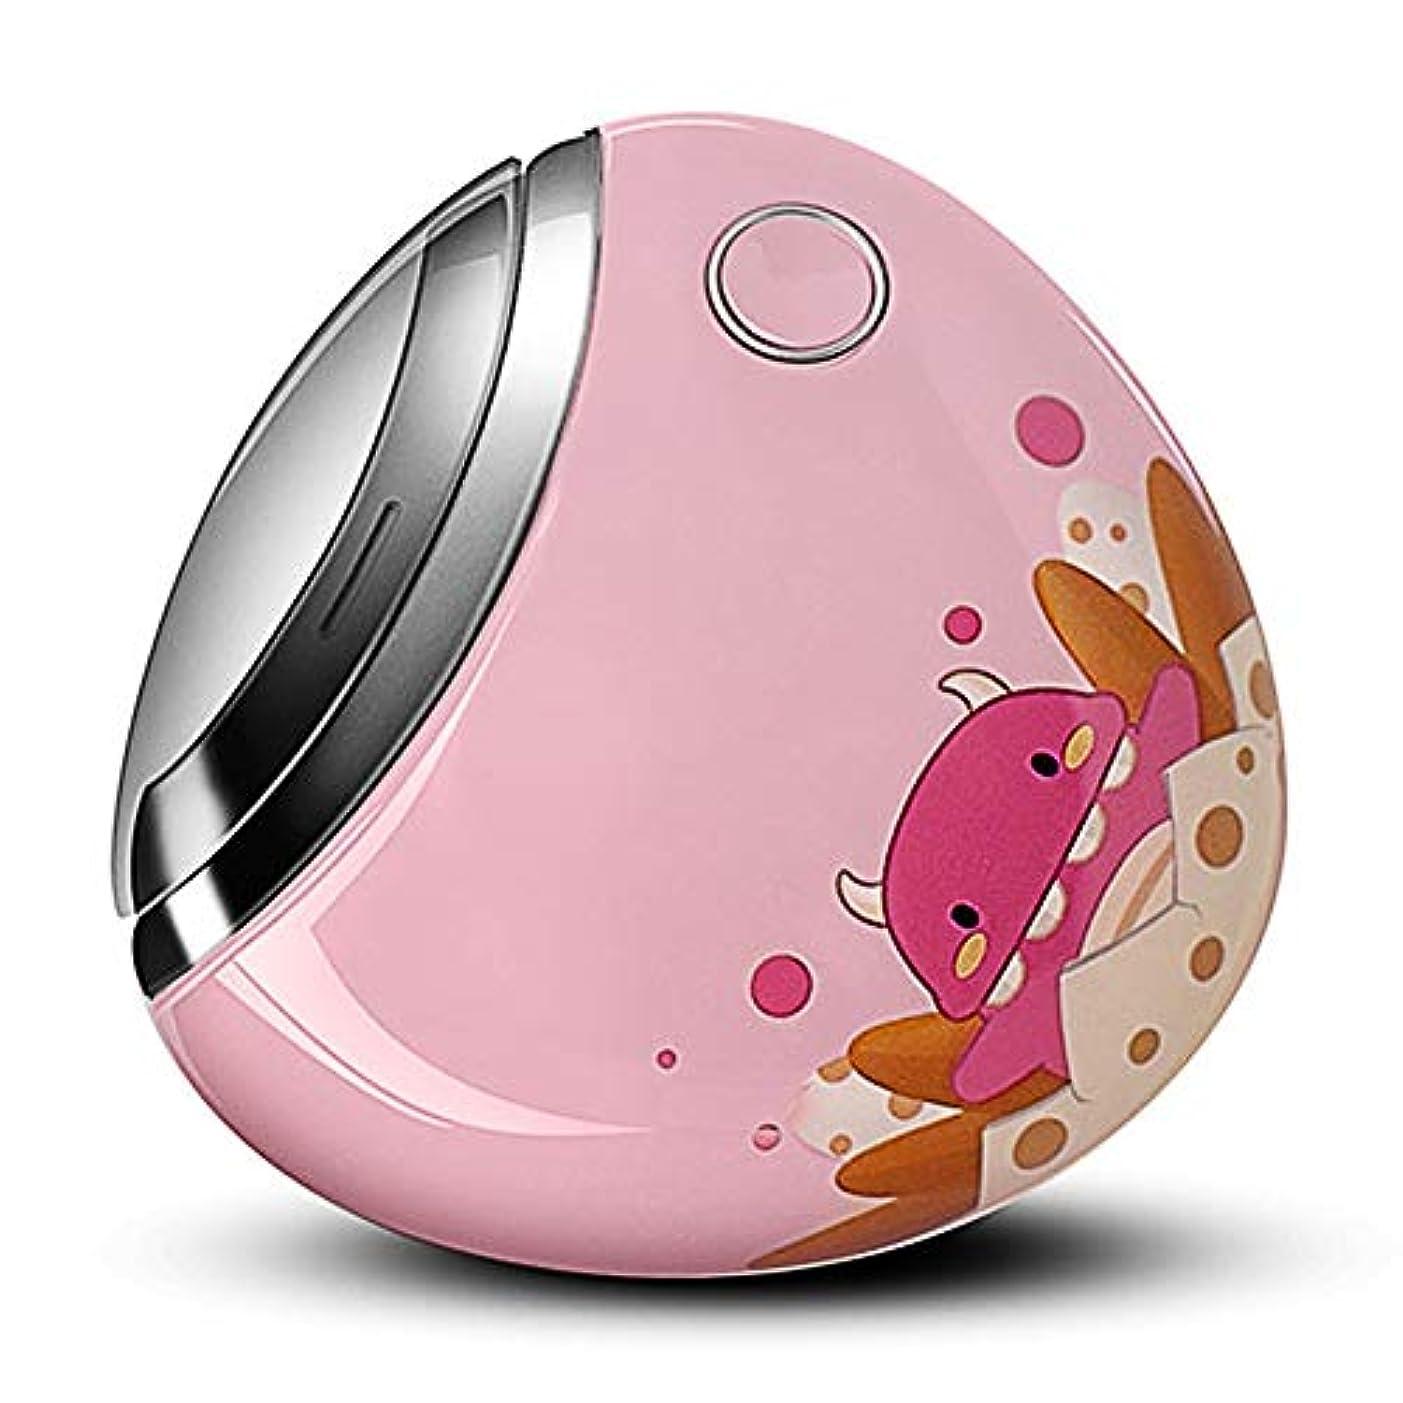 ハックではごきげんようフック新生児の特別な爪切り電気ネイルポリッシャー爪切りクリッパー肉爪切り,ピンク